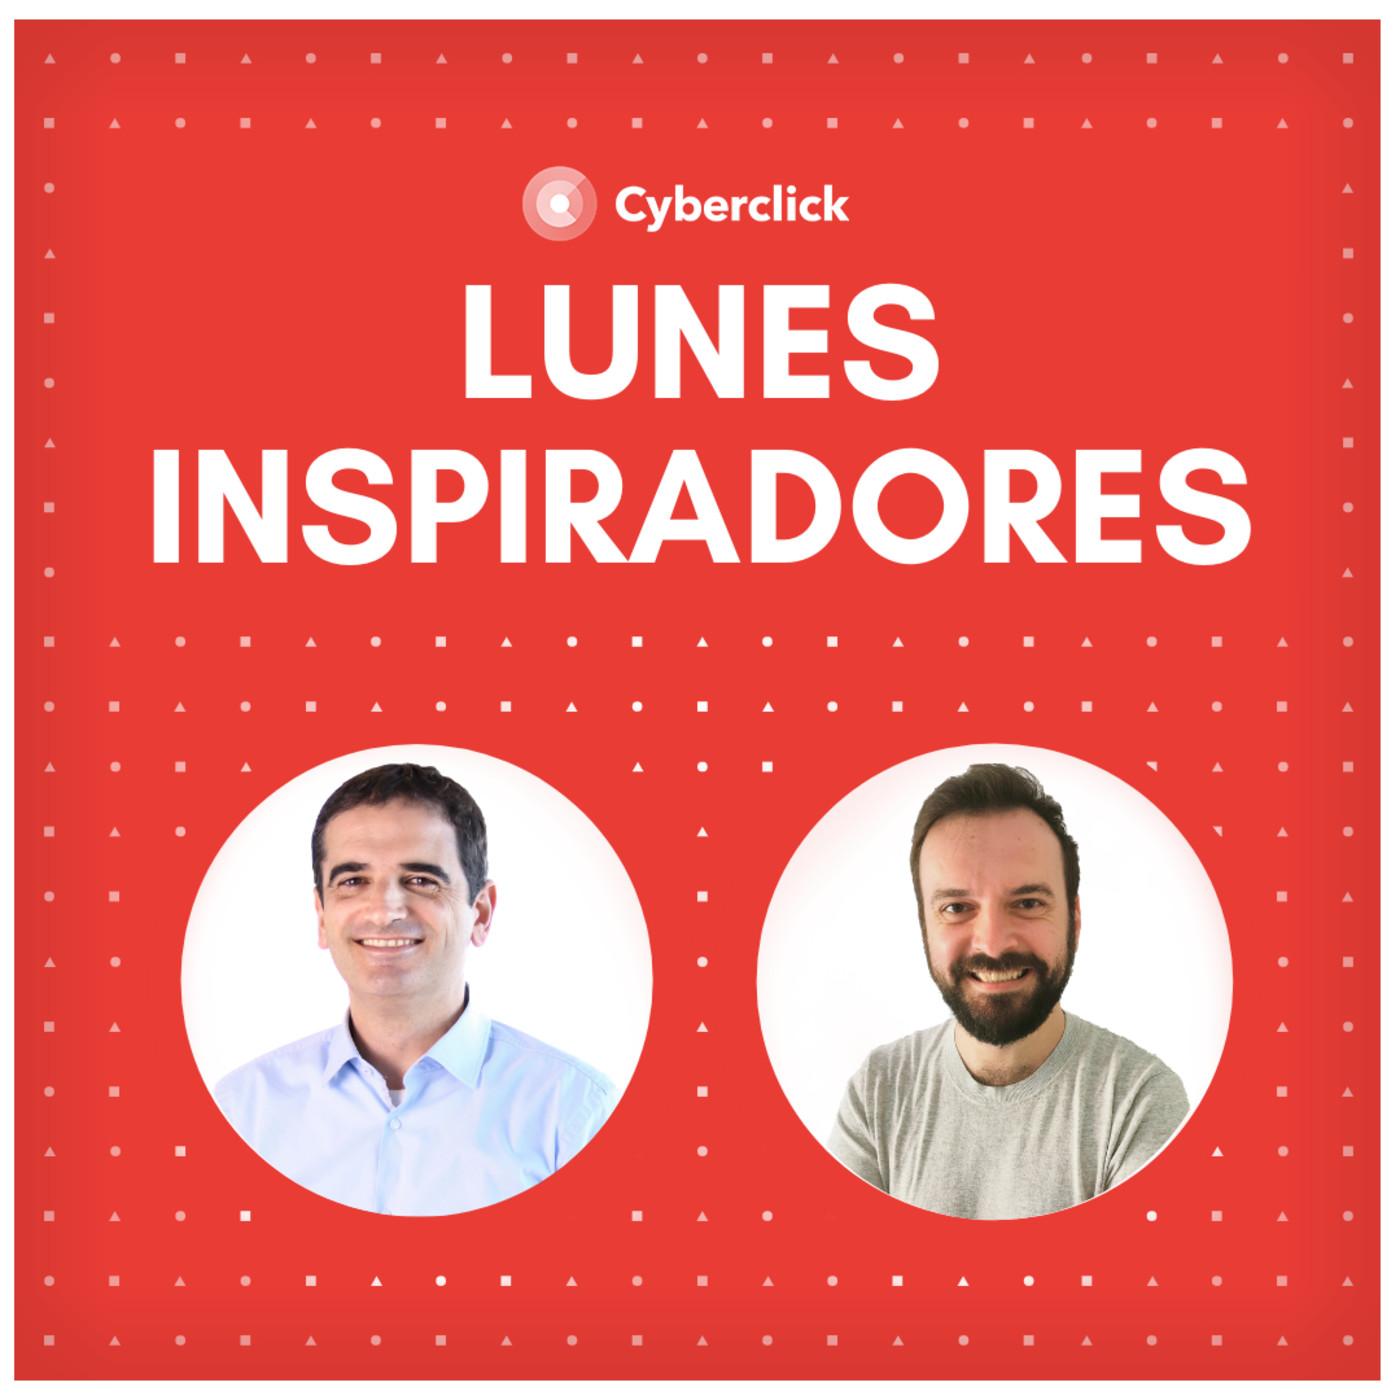 39. 'iWOPI: El poder del deporte solidario' con Iván Lorca - LUNES INSPIRADORES [29-05-17]